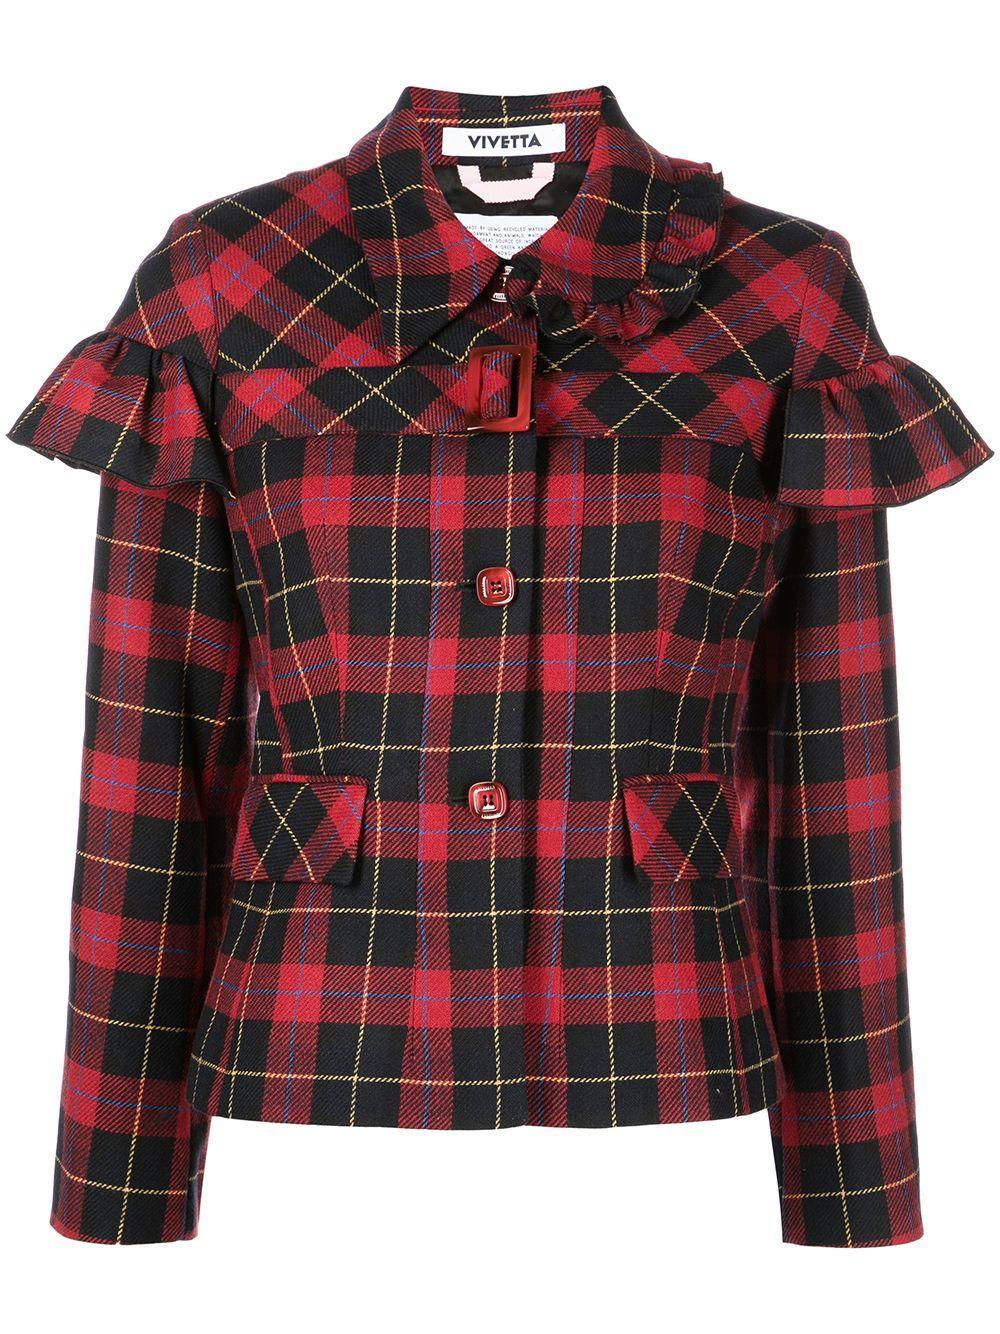 Ruffle Detail Tartan Jacket Item # L021-3015-QC91